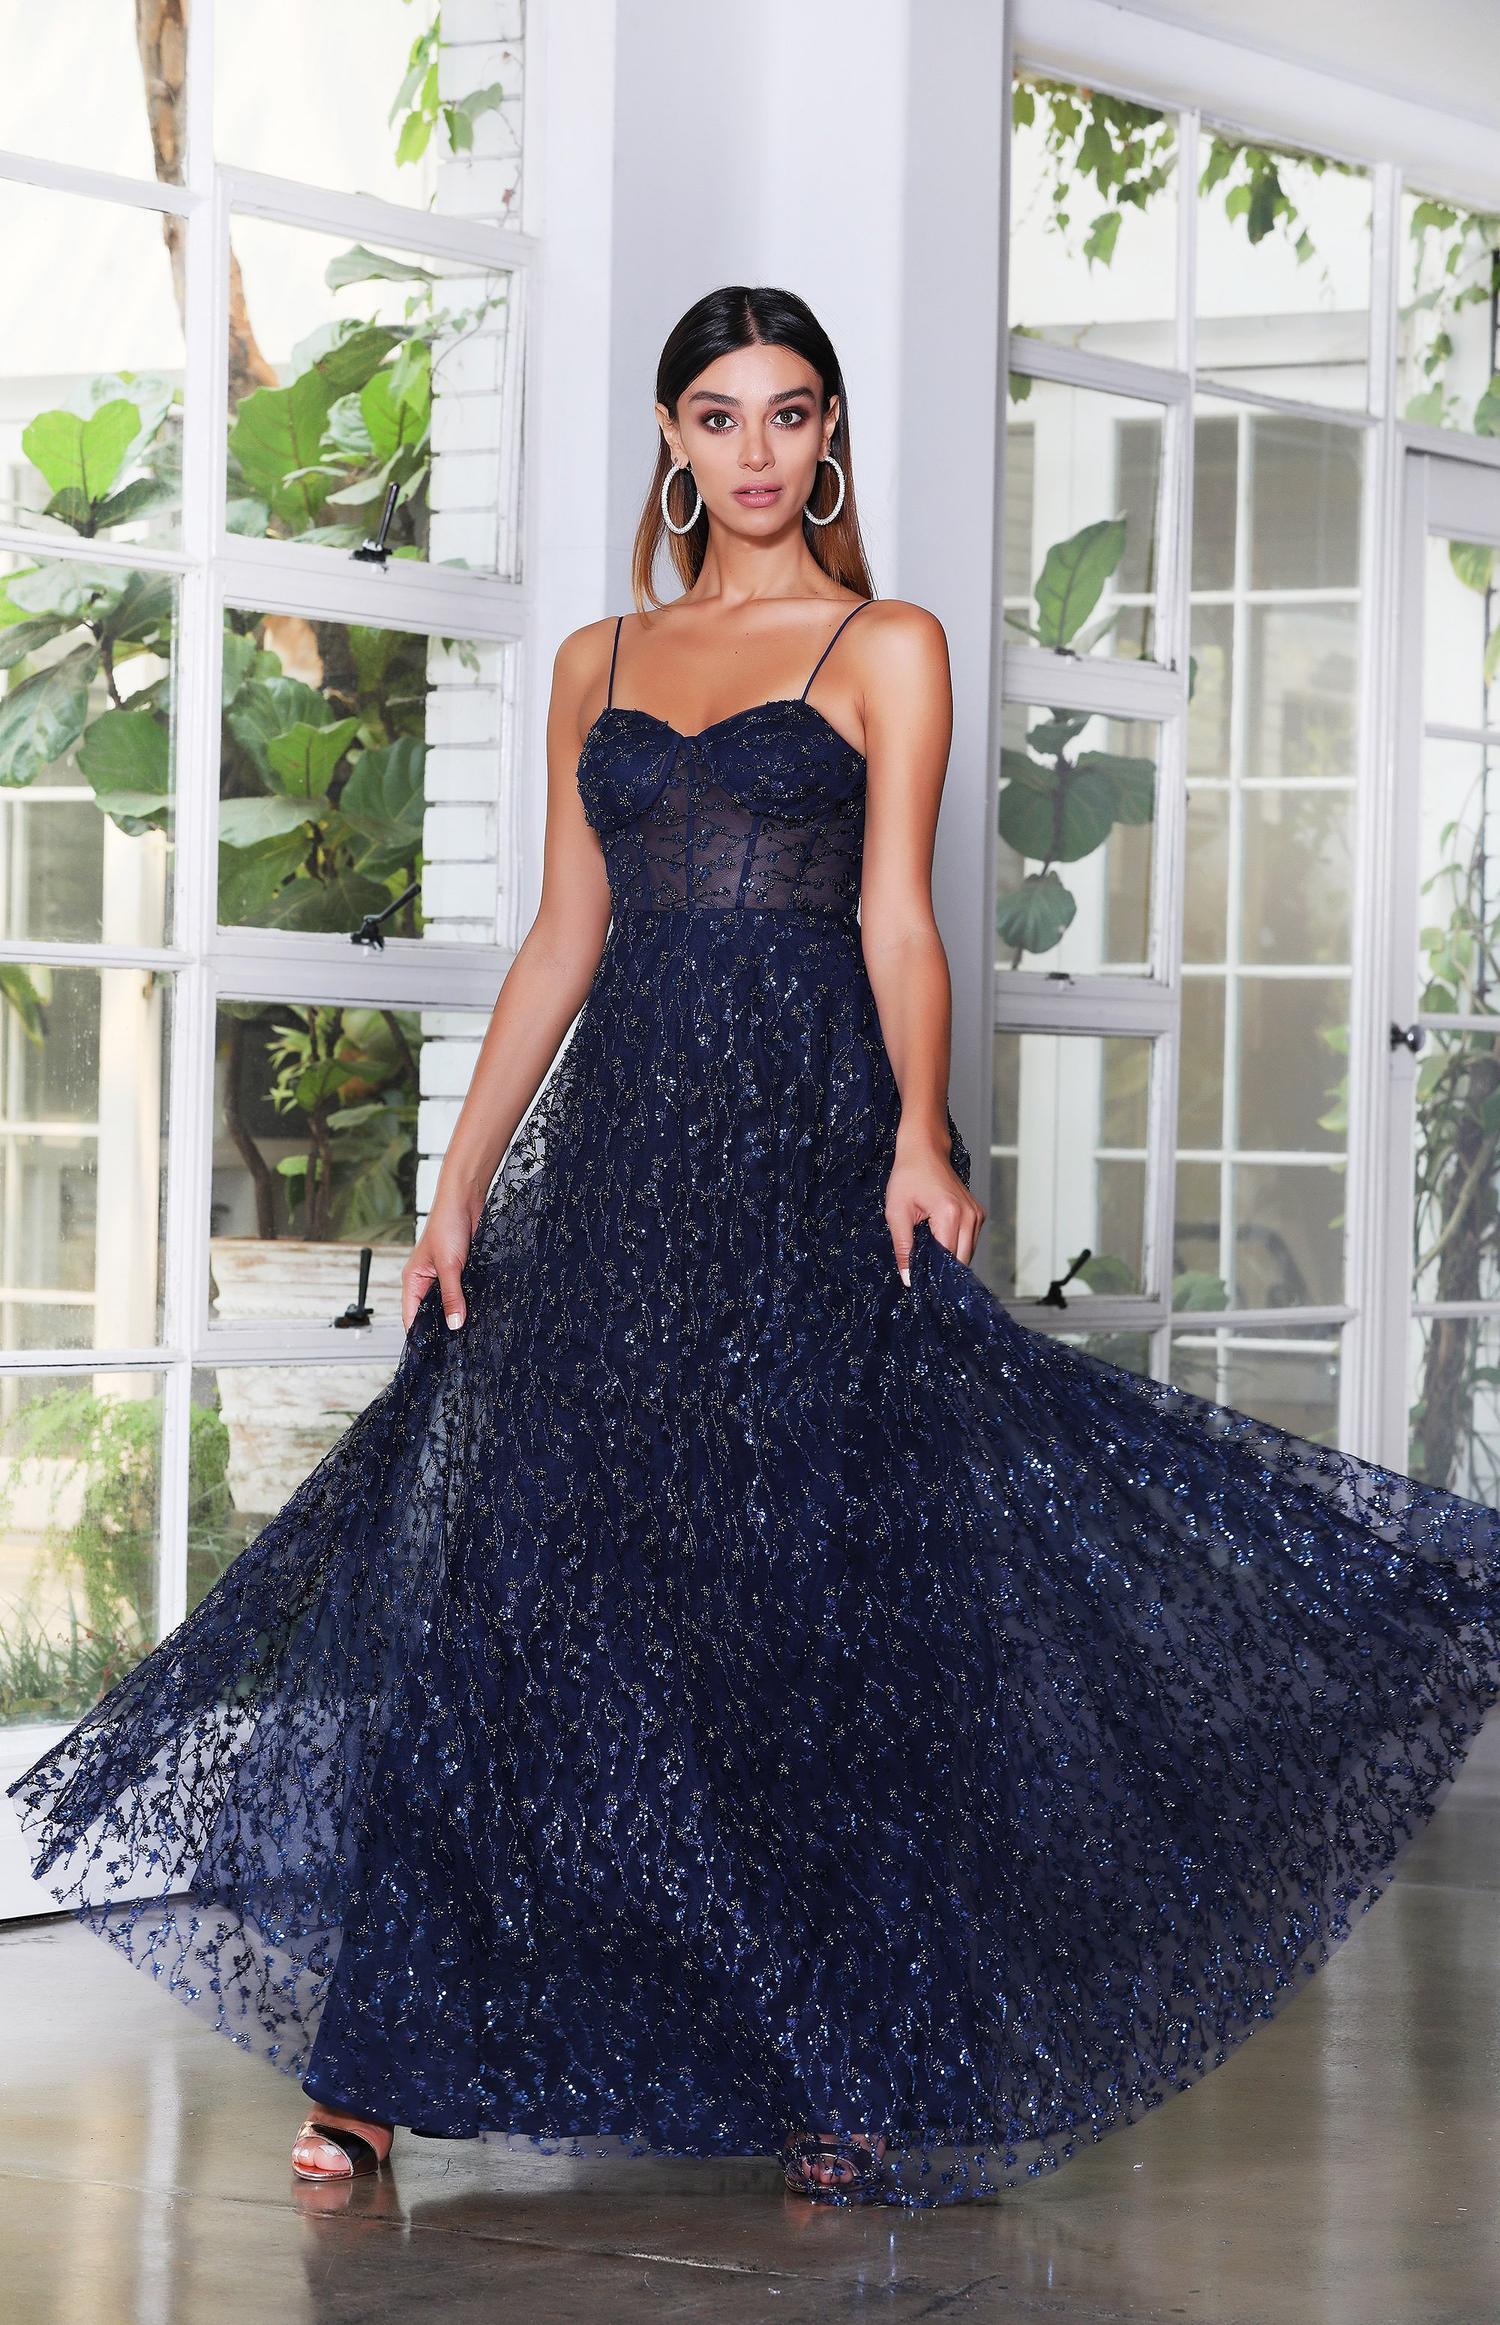 Mia Bella Couture product